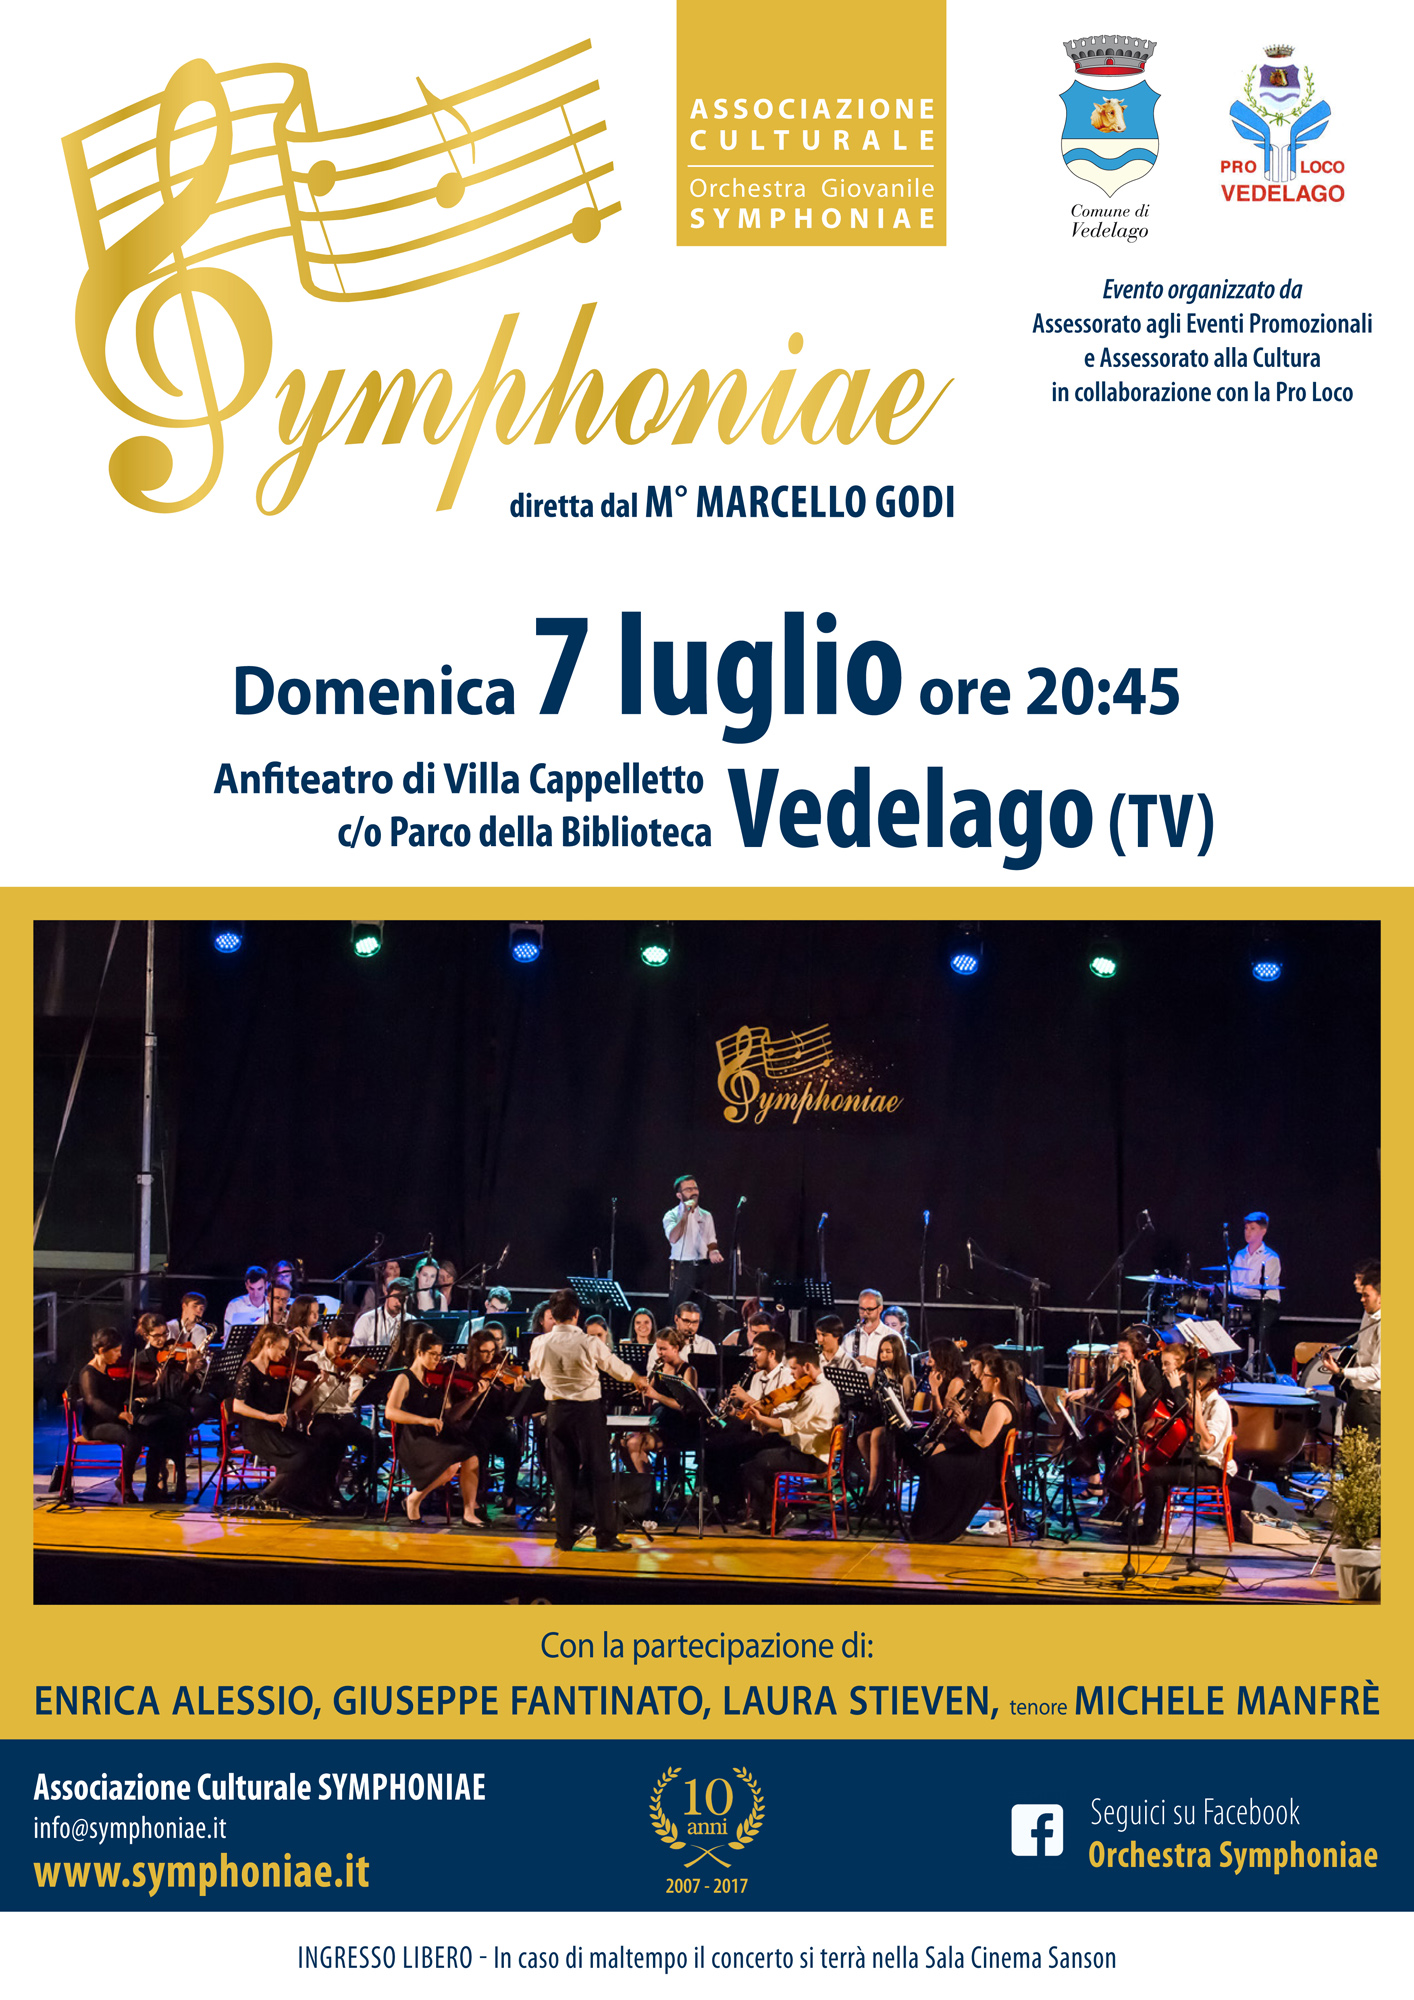 Calendario Luglio 2007.Archivio Calendario Eventi Orchestra Symphoniae